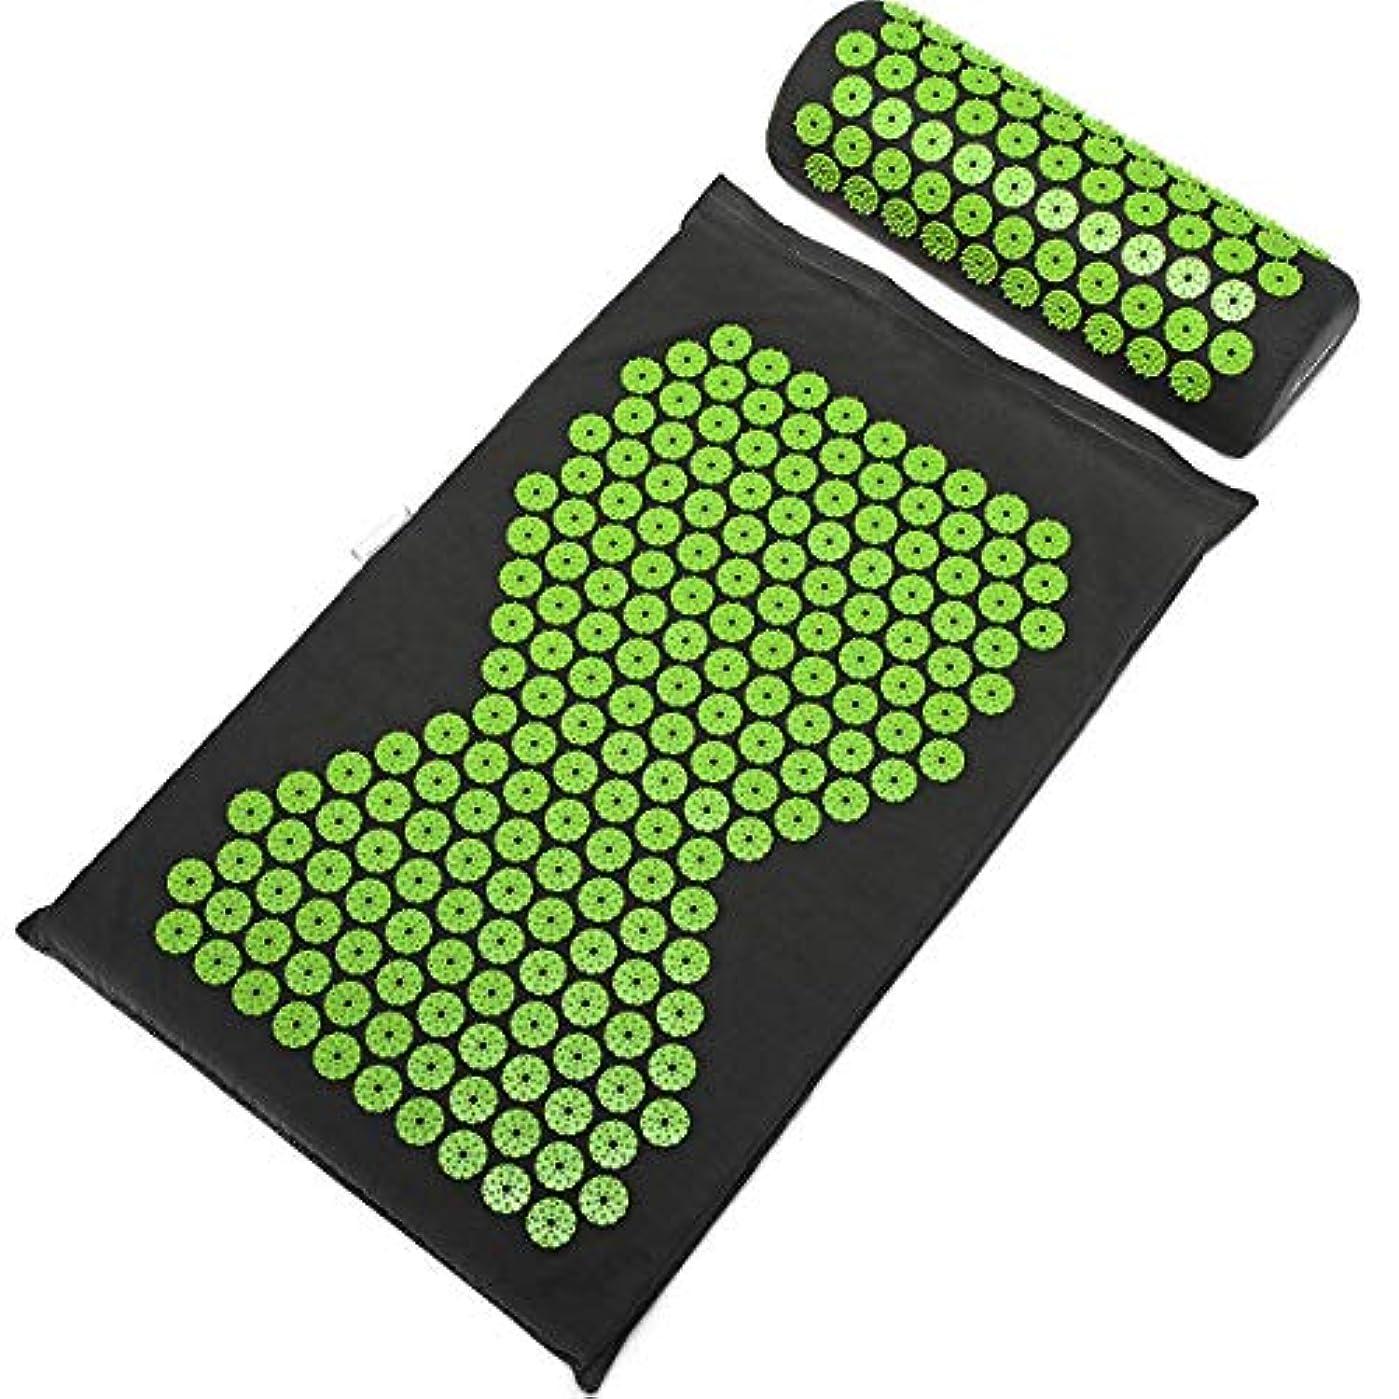 赤道白い巧みなSulida ヨガマット マッサージマパッド ストラップ付き マッサージ枕 トレーニングマット 睡眠改善 自宅運動 マット 高密度 持ち運び 滑り止め 血行促進 収納簡単 エコ グリップ力 クッション性